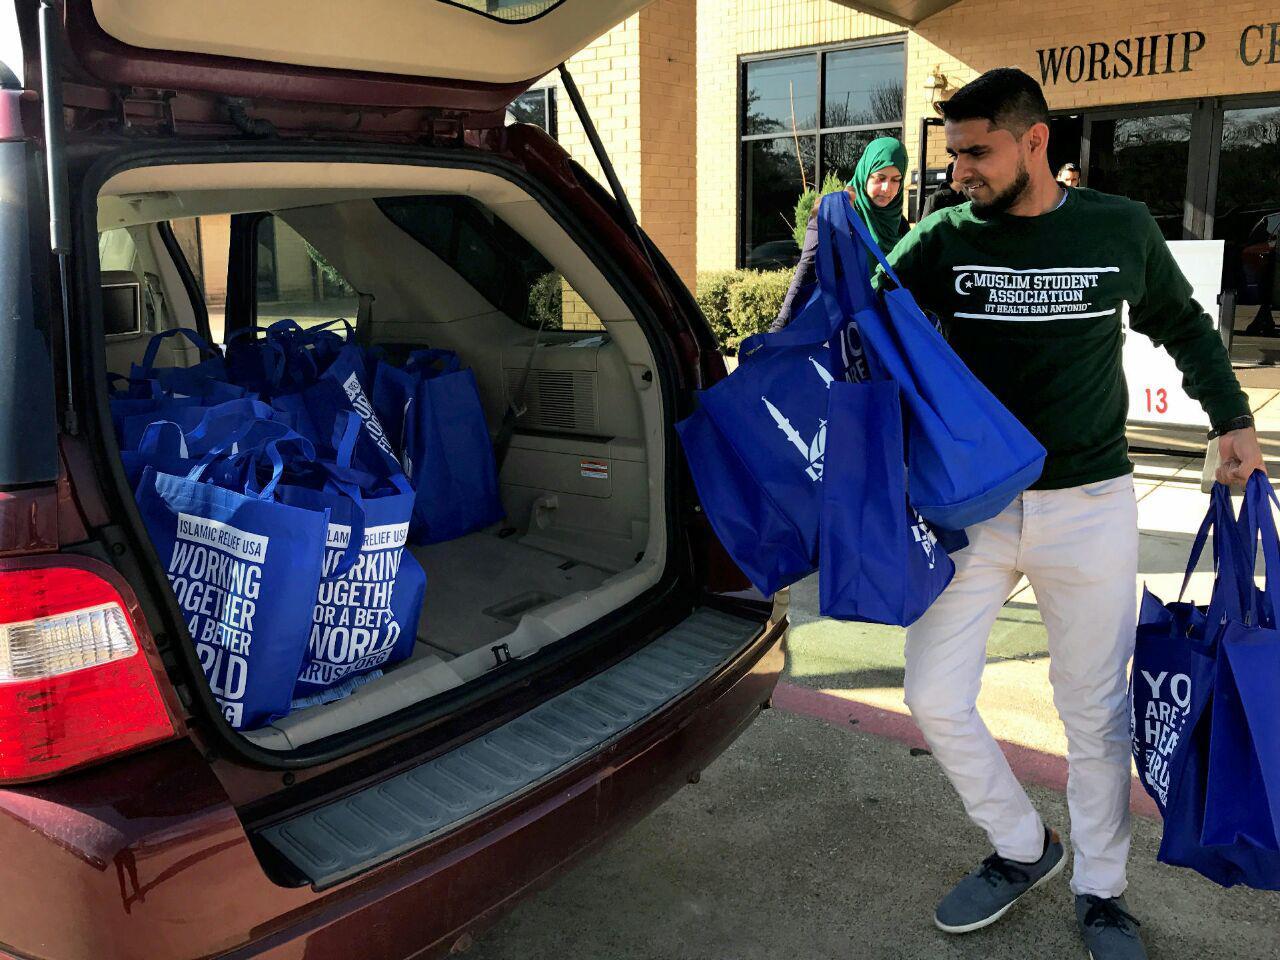 تصویر توزیع بسته حمایتی مسلمانان تگزاس برای بیخانمانها